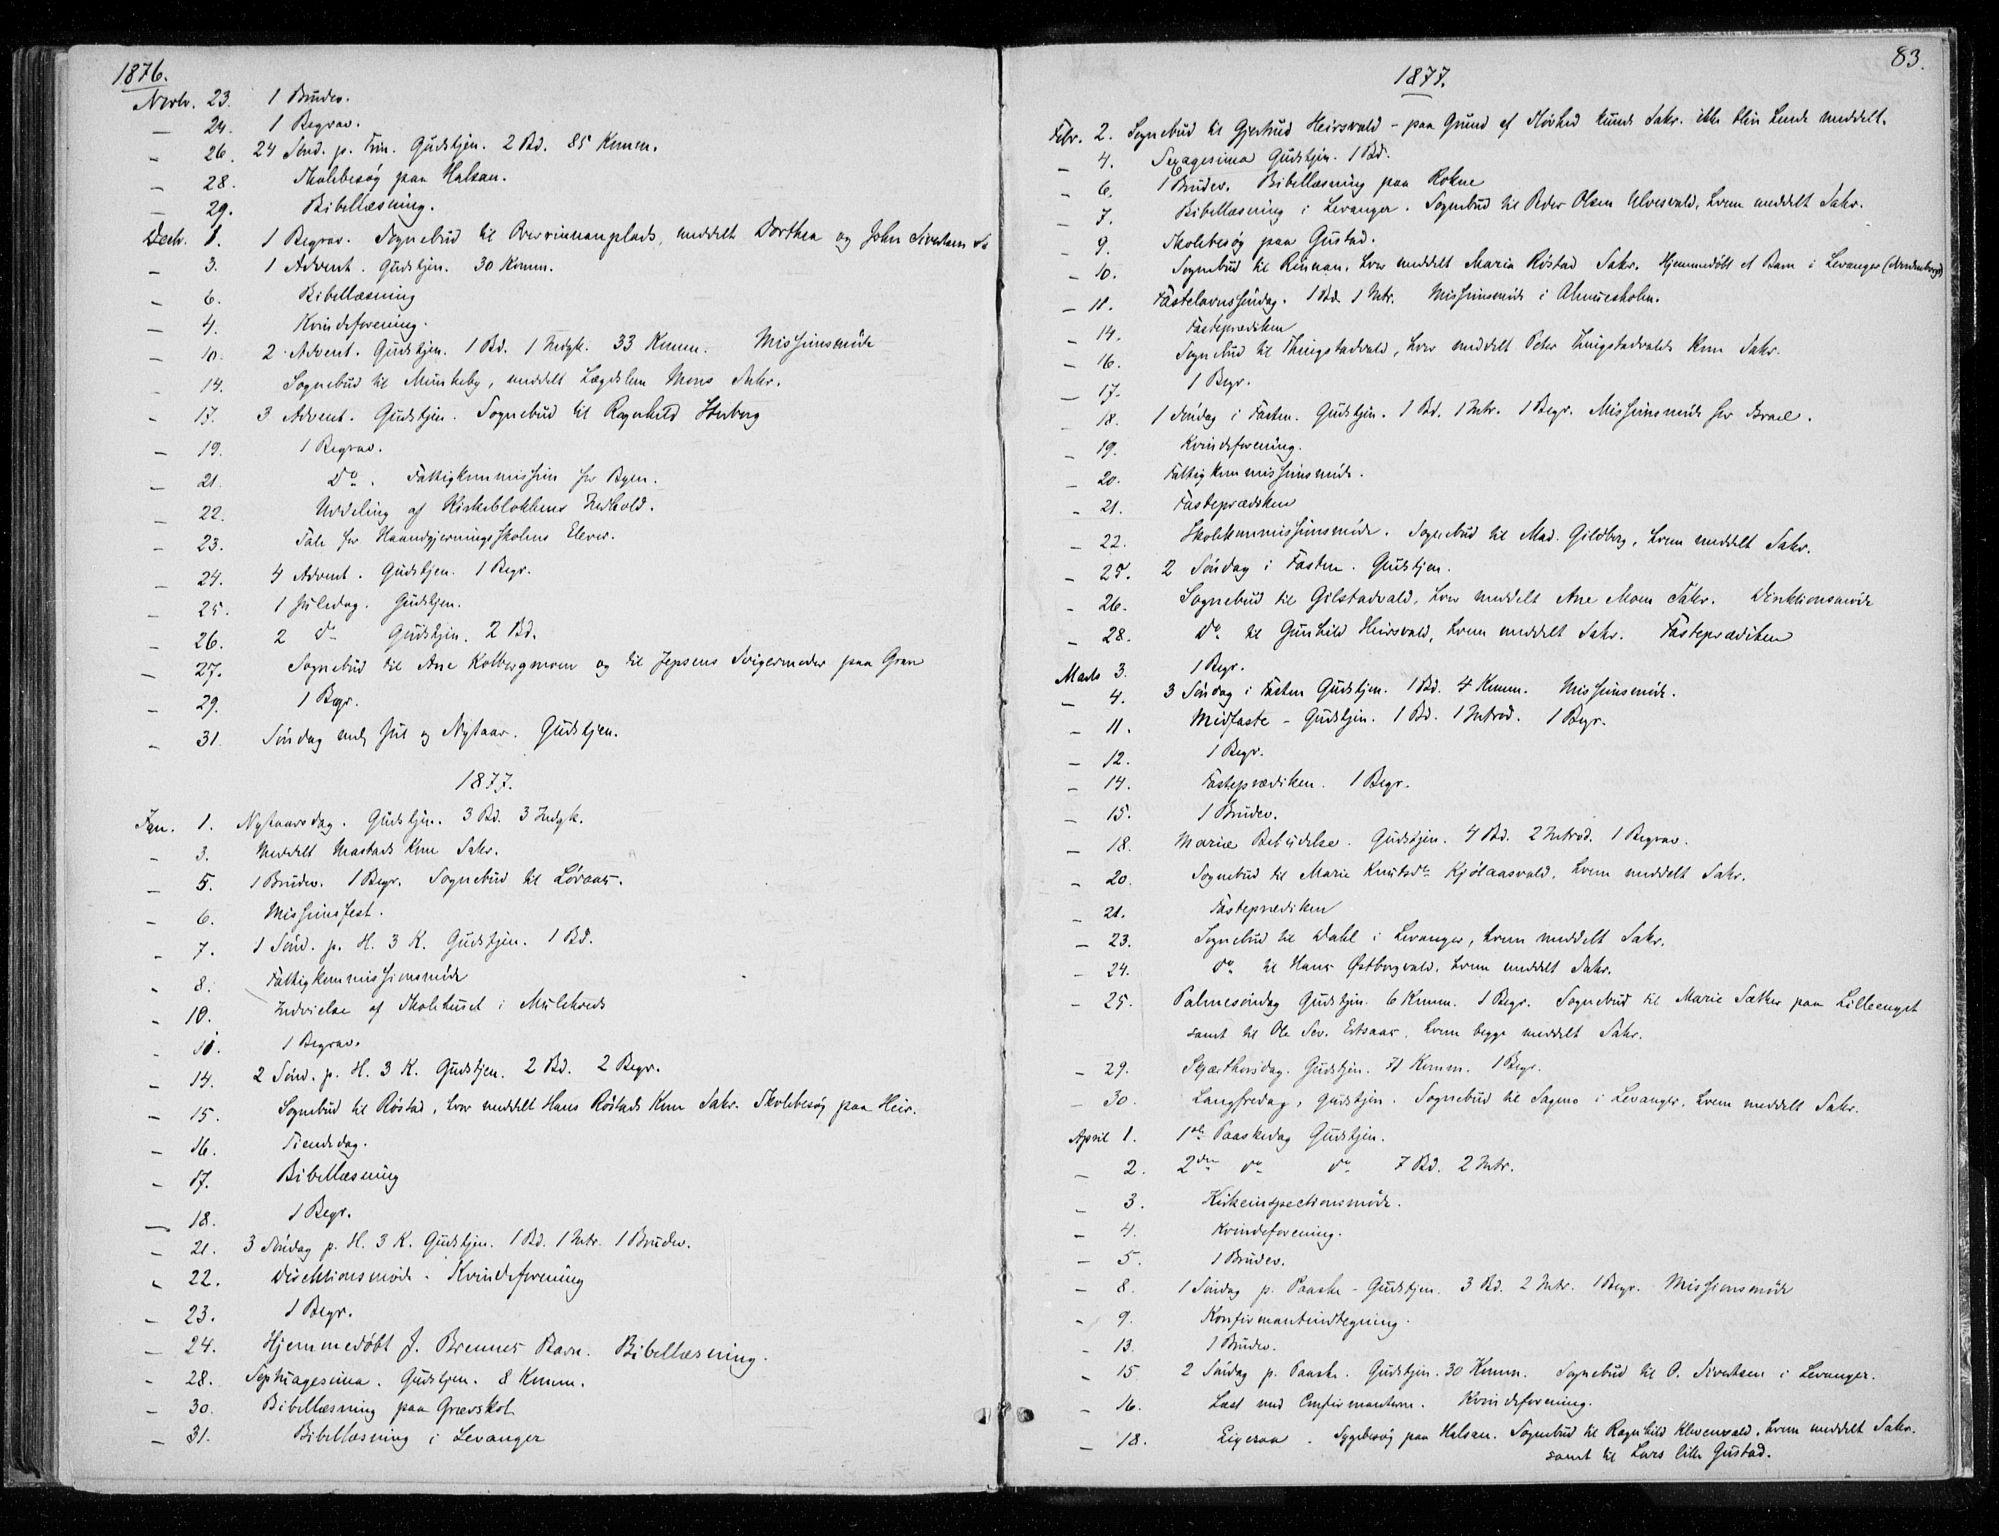 SAT, Ministerialprotokoller, klokkerbøker og fødselsregistre - Nord-Trøndelag, 720/L0187: Ministerialbok nr. 720A04 /1, 1875-1879, s. 83